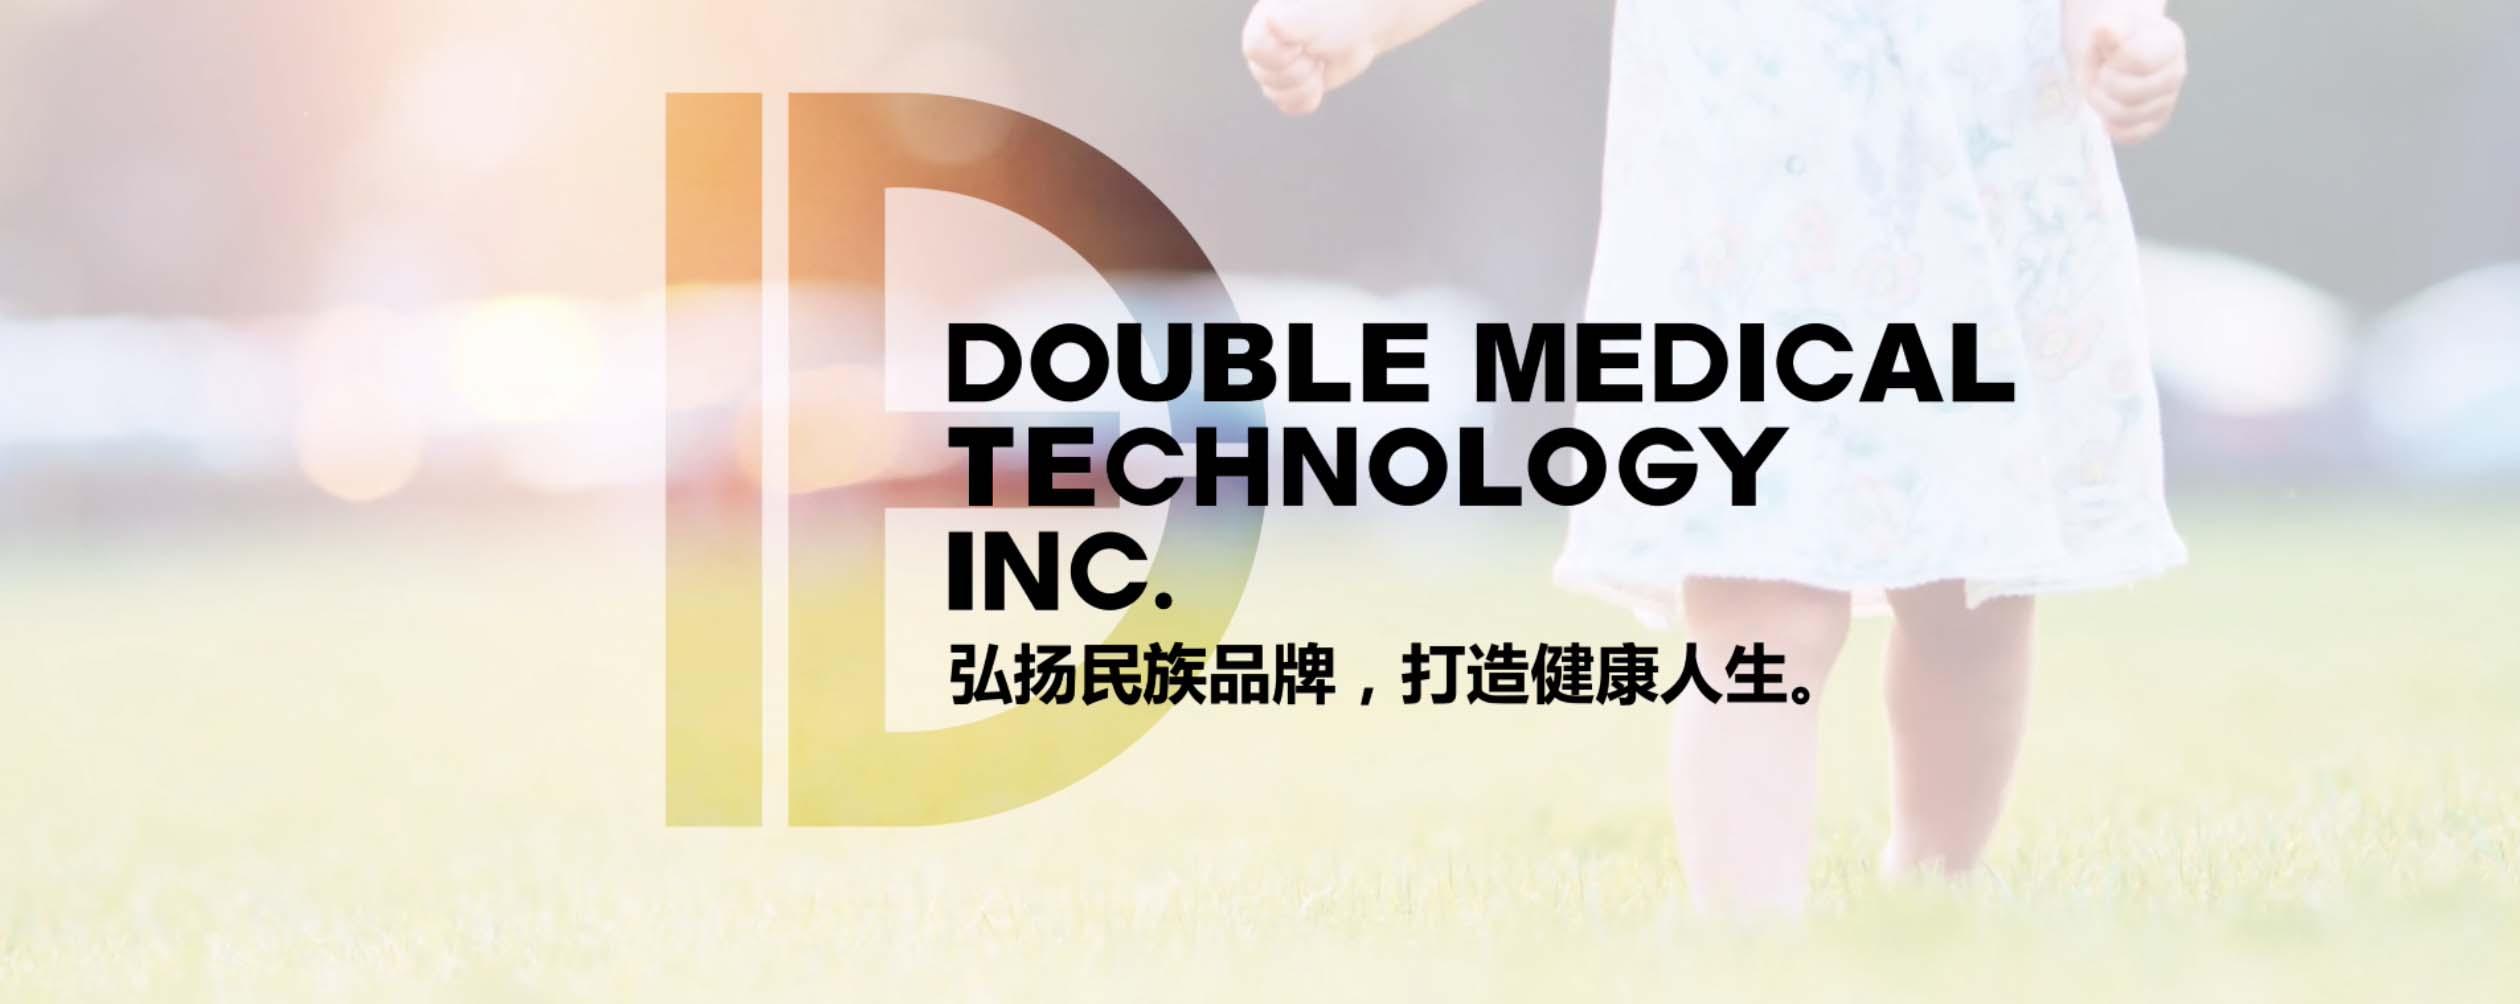 大博医疗 第一家A股上市的骨科医疗器械企业